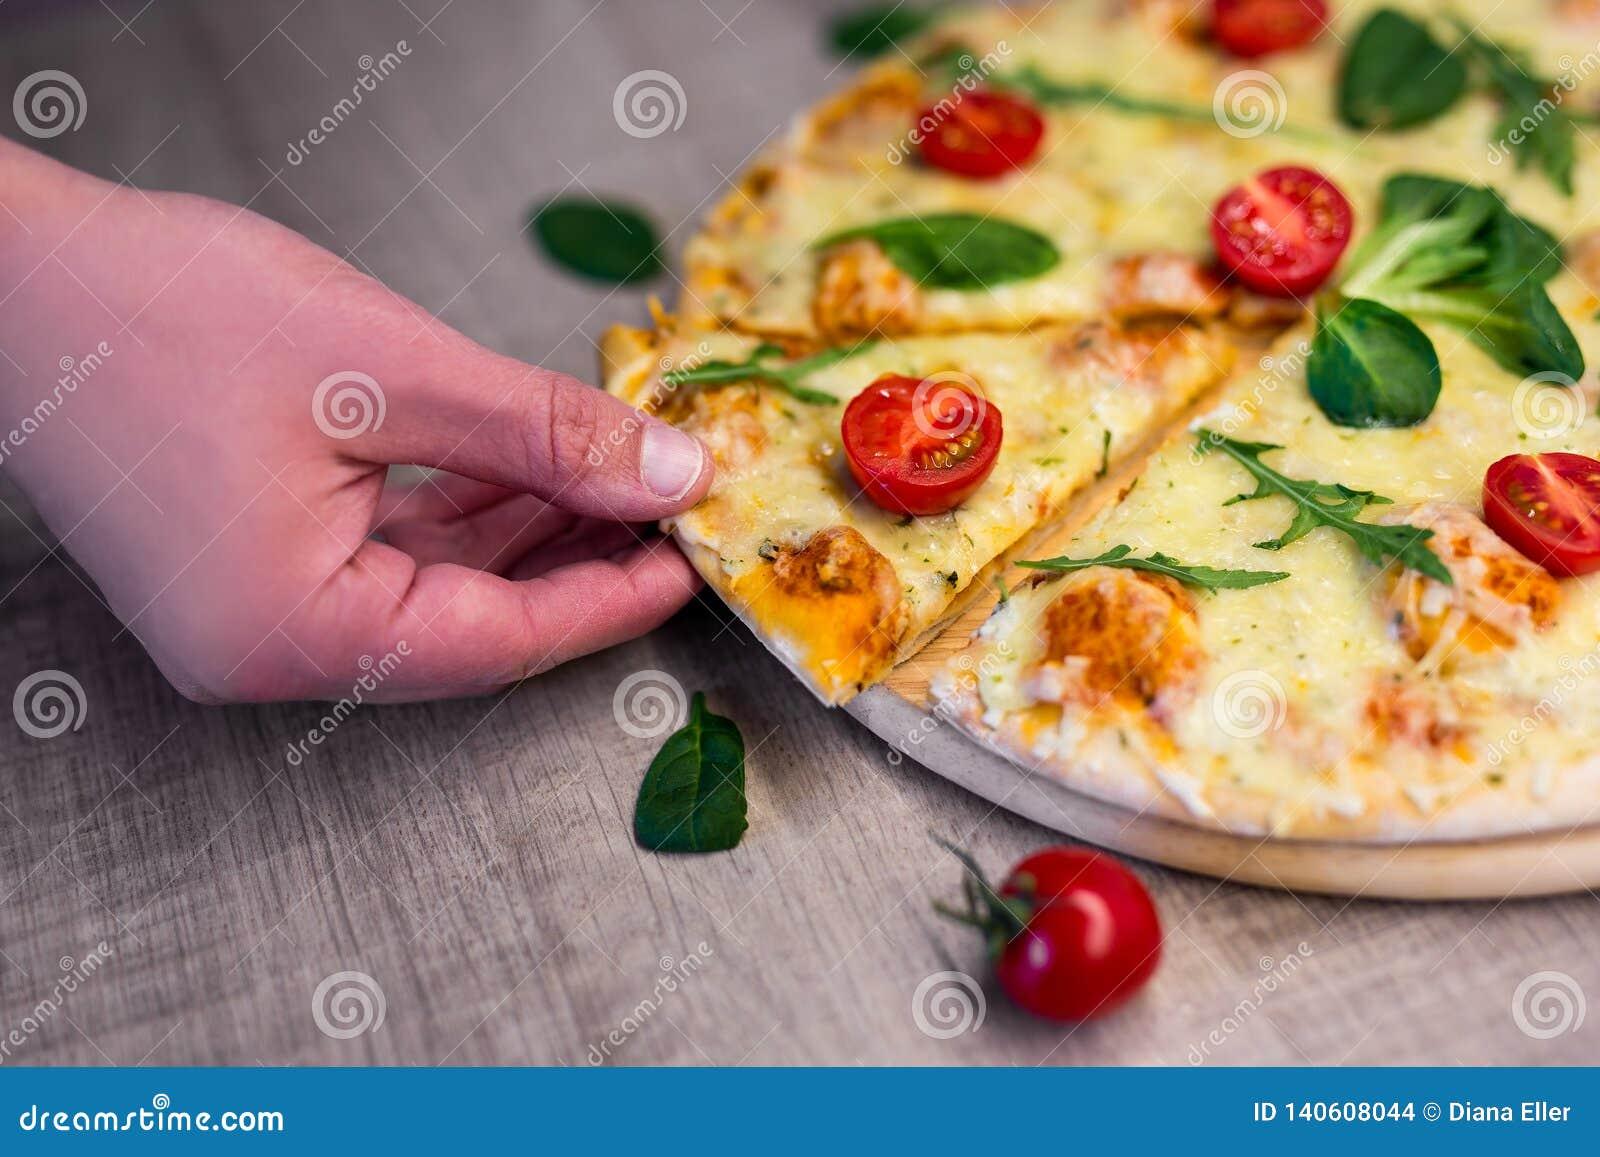 Fermez-vous de la main masculine prenant la tranche de pizza savoureuse avec des tomates et des herbes au-dessus de table en bois